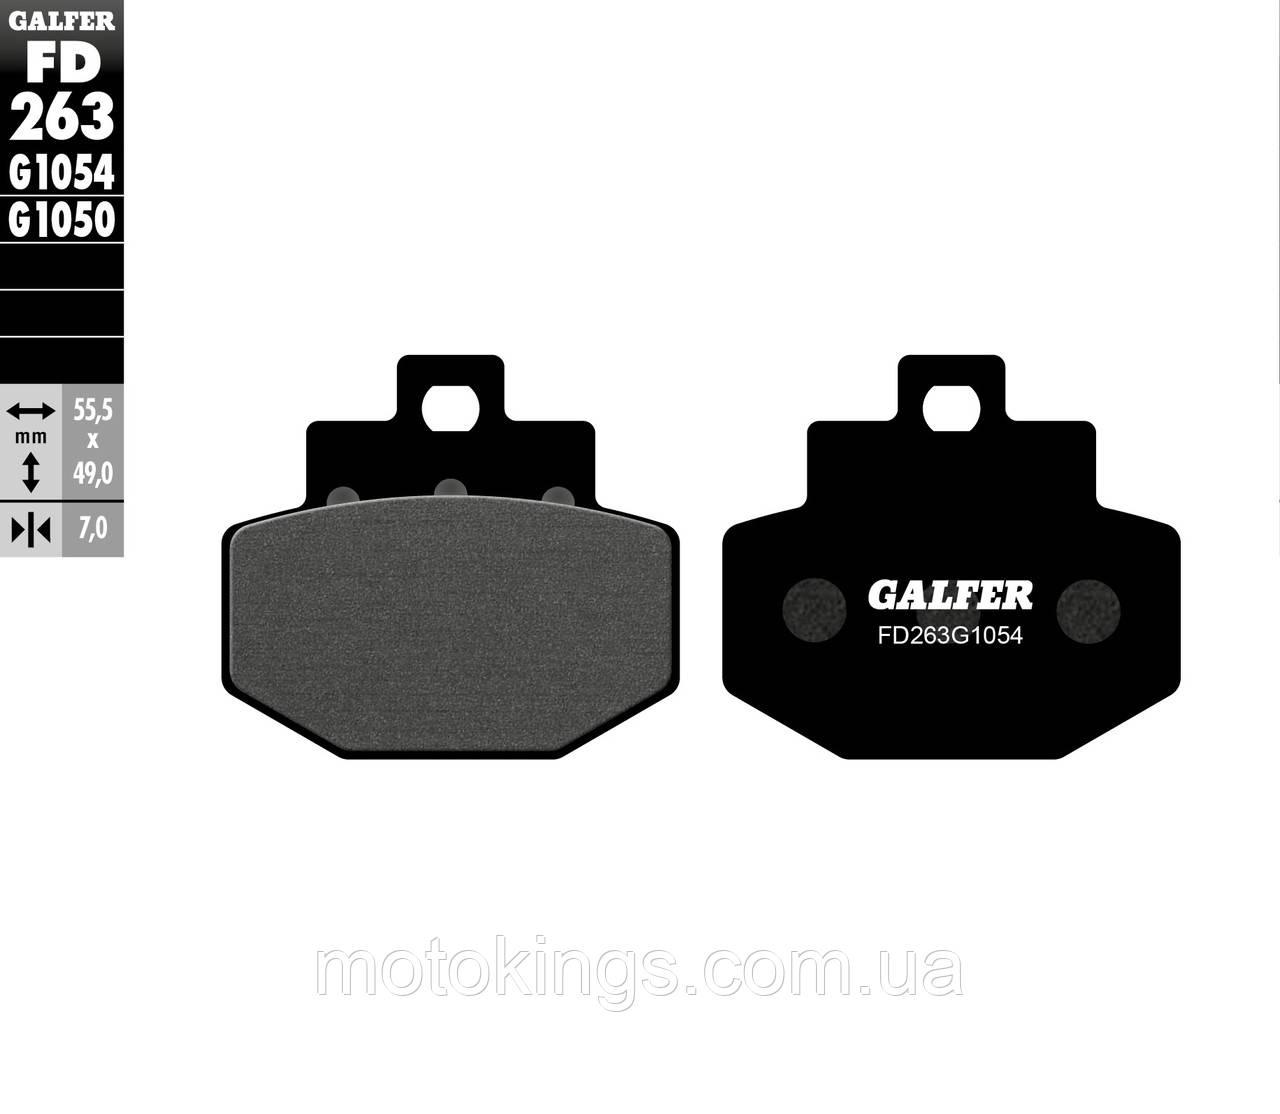 GALFER ТОРМОЗНЫЕ КОЛОДКИ    KH321 СКУТЕР (FD263G1054)